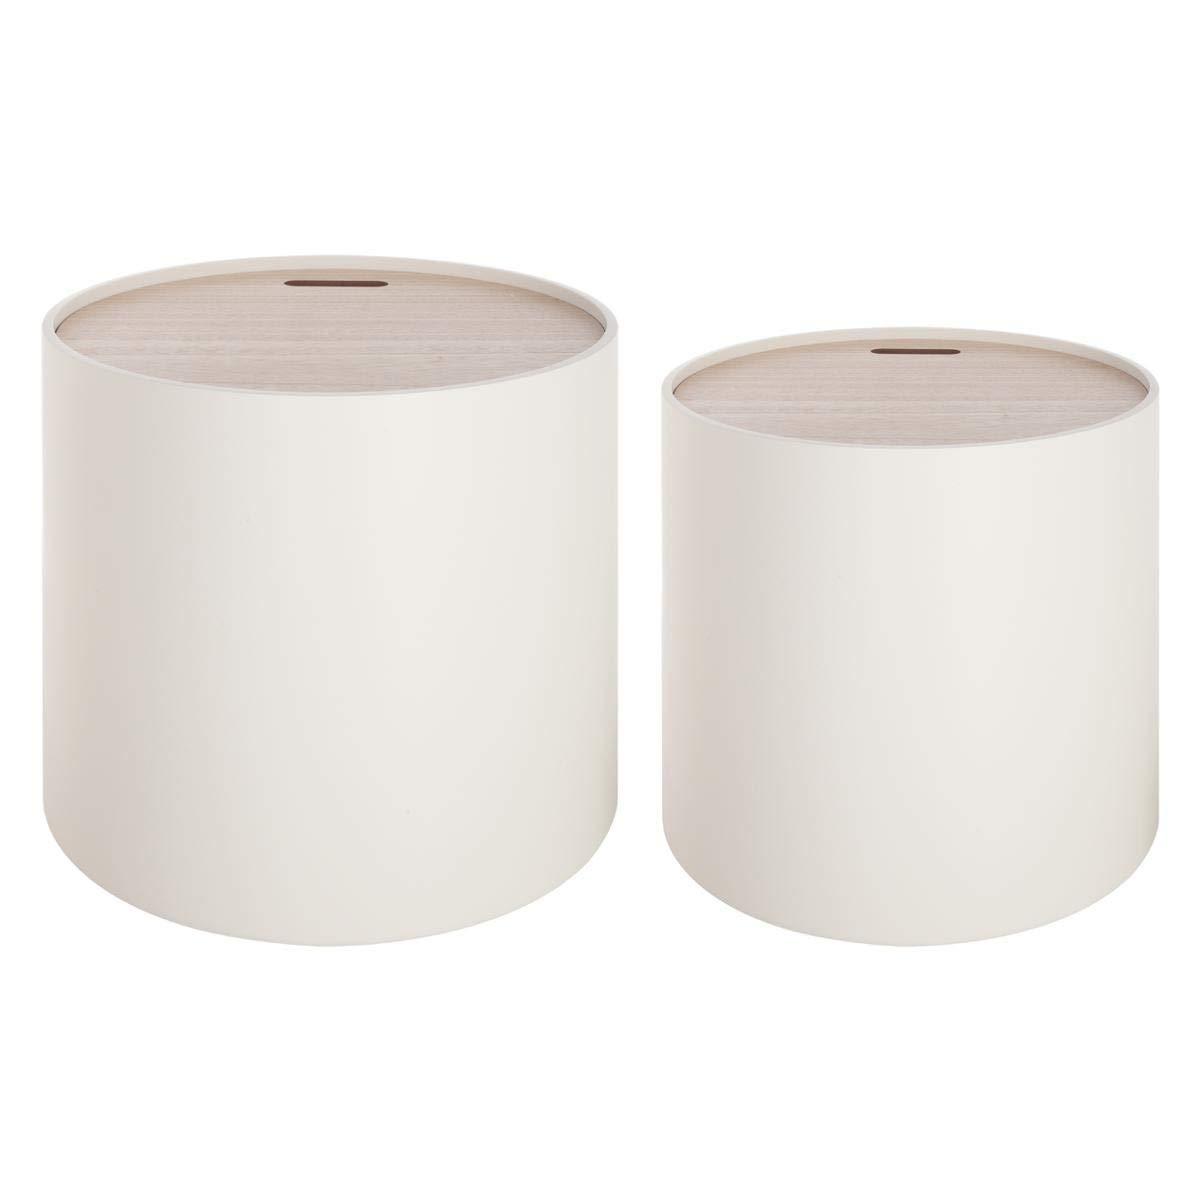 Set di 2 tavolini bassi sovrapponibili con funzione di contenitori - Stile moderno design - Colore: BIANCO ATMOSPHERA